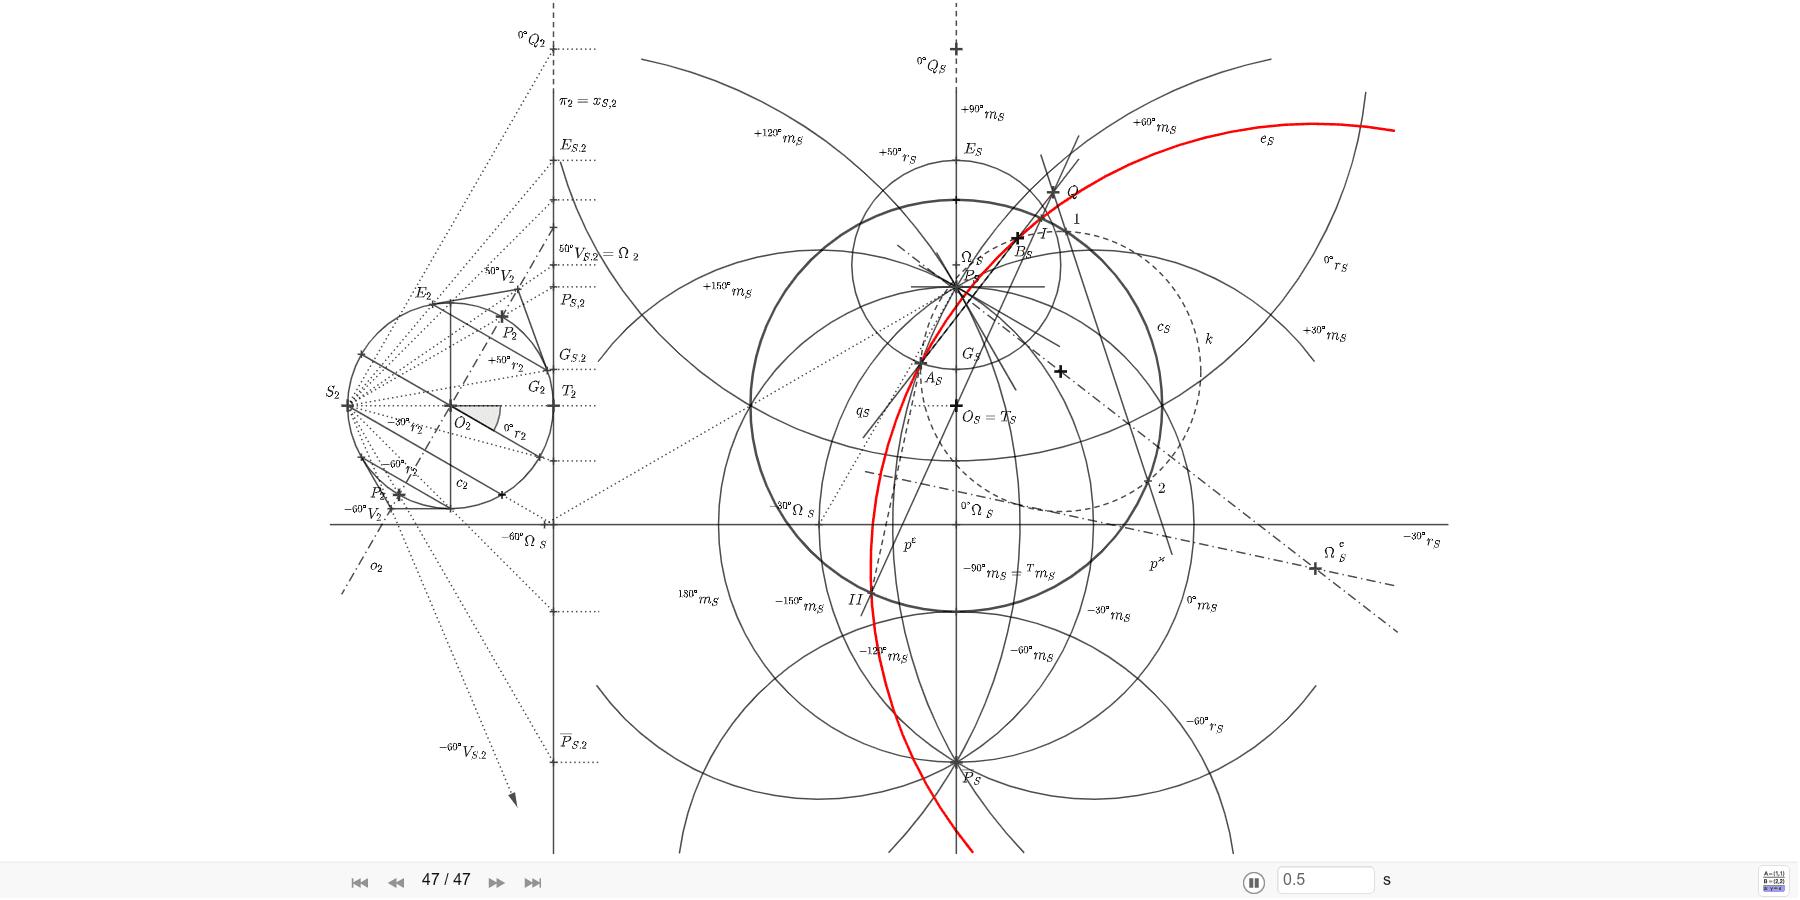 12.5 Stereografická projekce je určena středem T=[λ = 90º z.d., φ = 30º s.š.]$ mapy, poloměrem r=23 mm globu. a) Sestrojte kartografickou síť Σ^m, Σ^r po 10 stupních. b) Zobrazte obrysy kontinentů. c) Zvolte dva body A_S, B_S a spojte je ortodromou e_S. Zahajte aktivitu stisknutím klávesy Enter